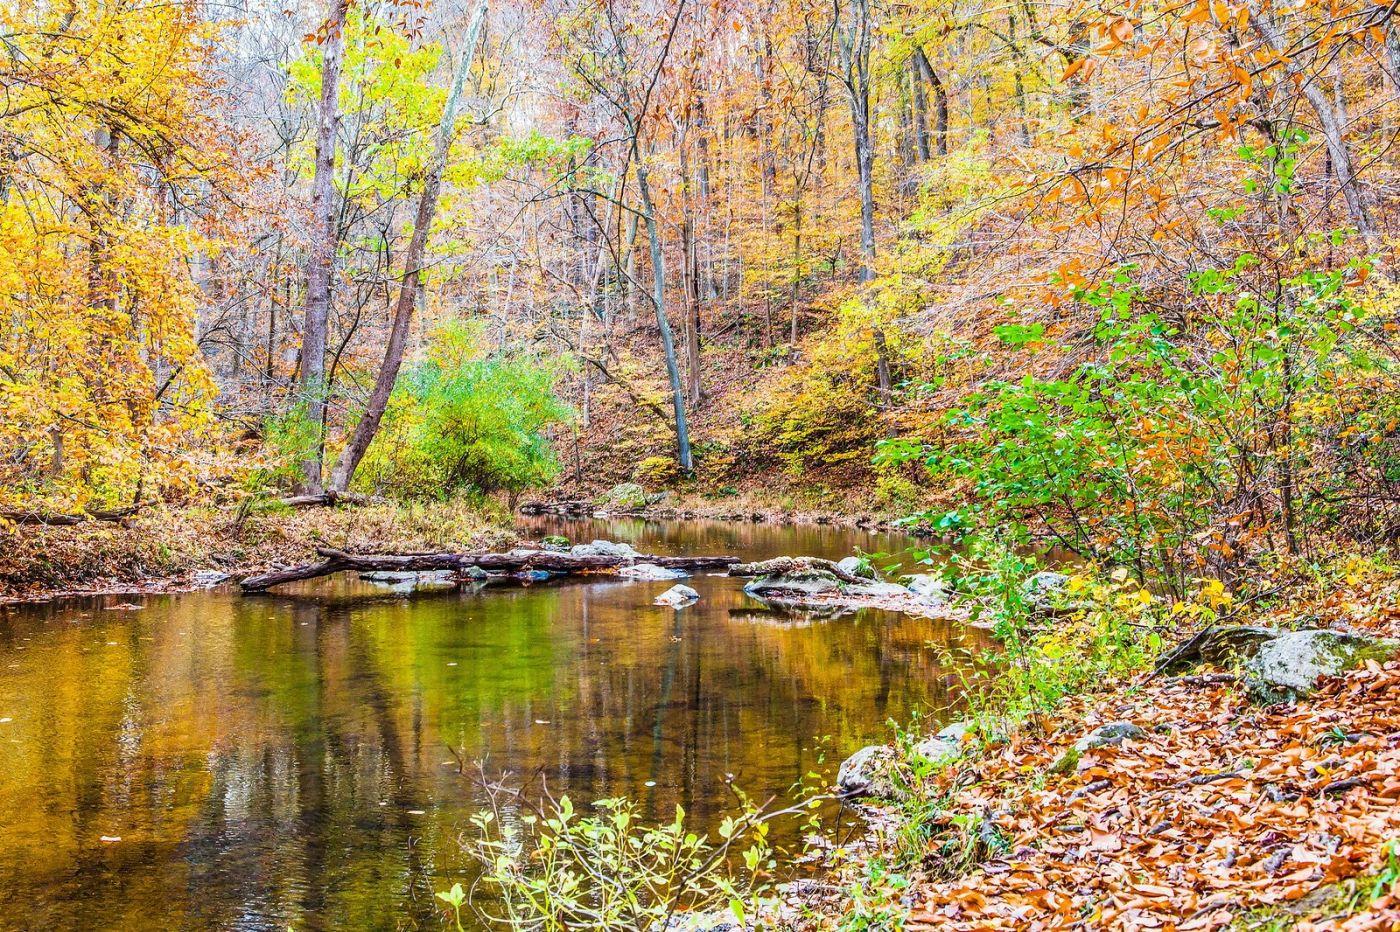 宾州雷德利克里克公园(Ridley creek park),迷人的秋色_图1-5